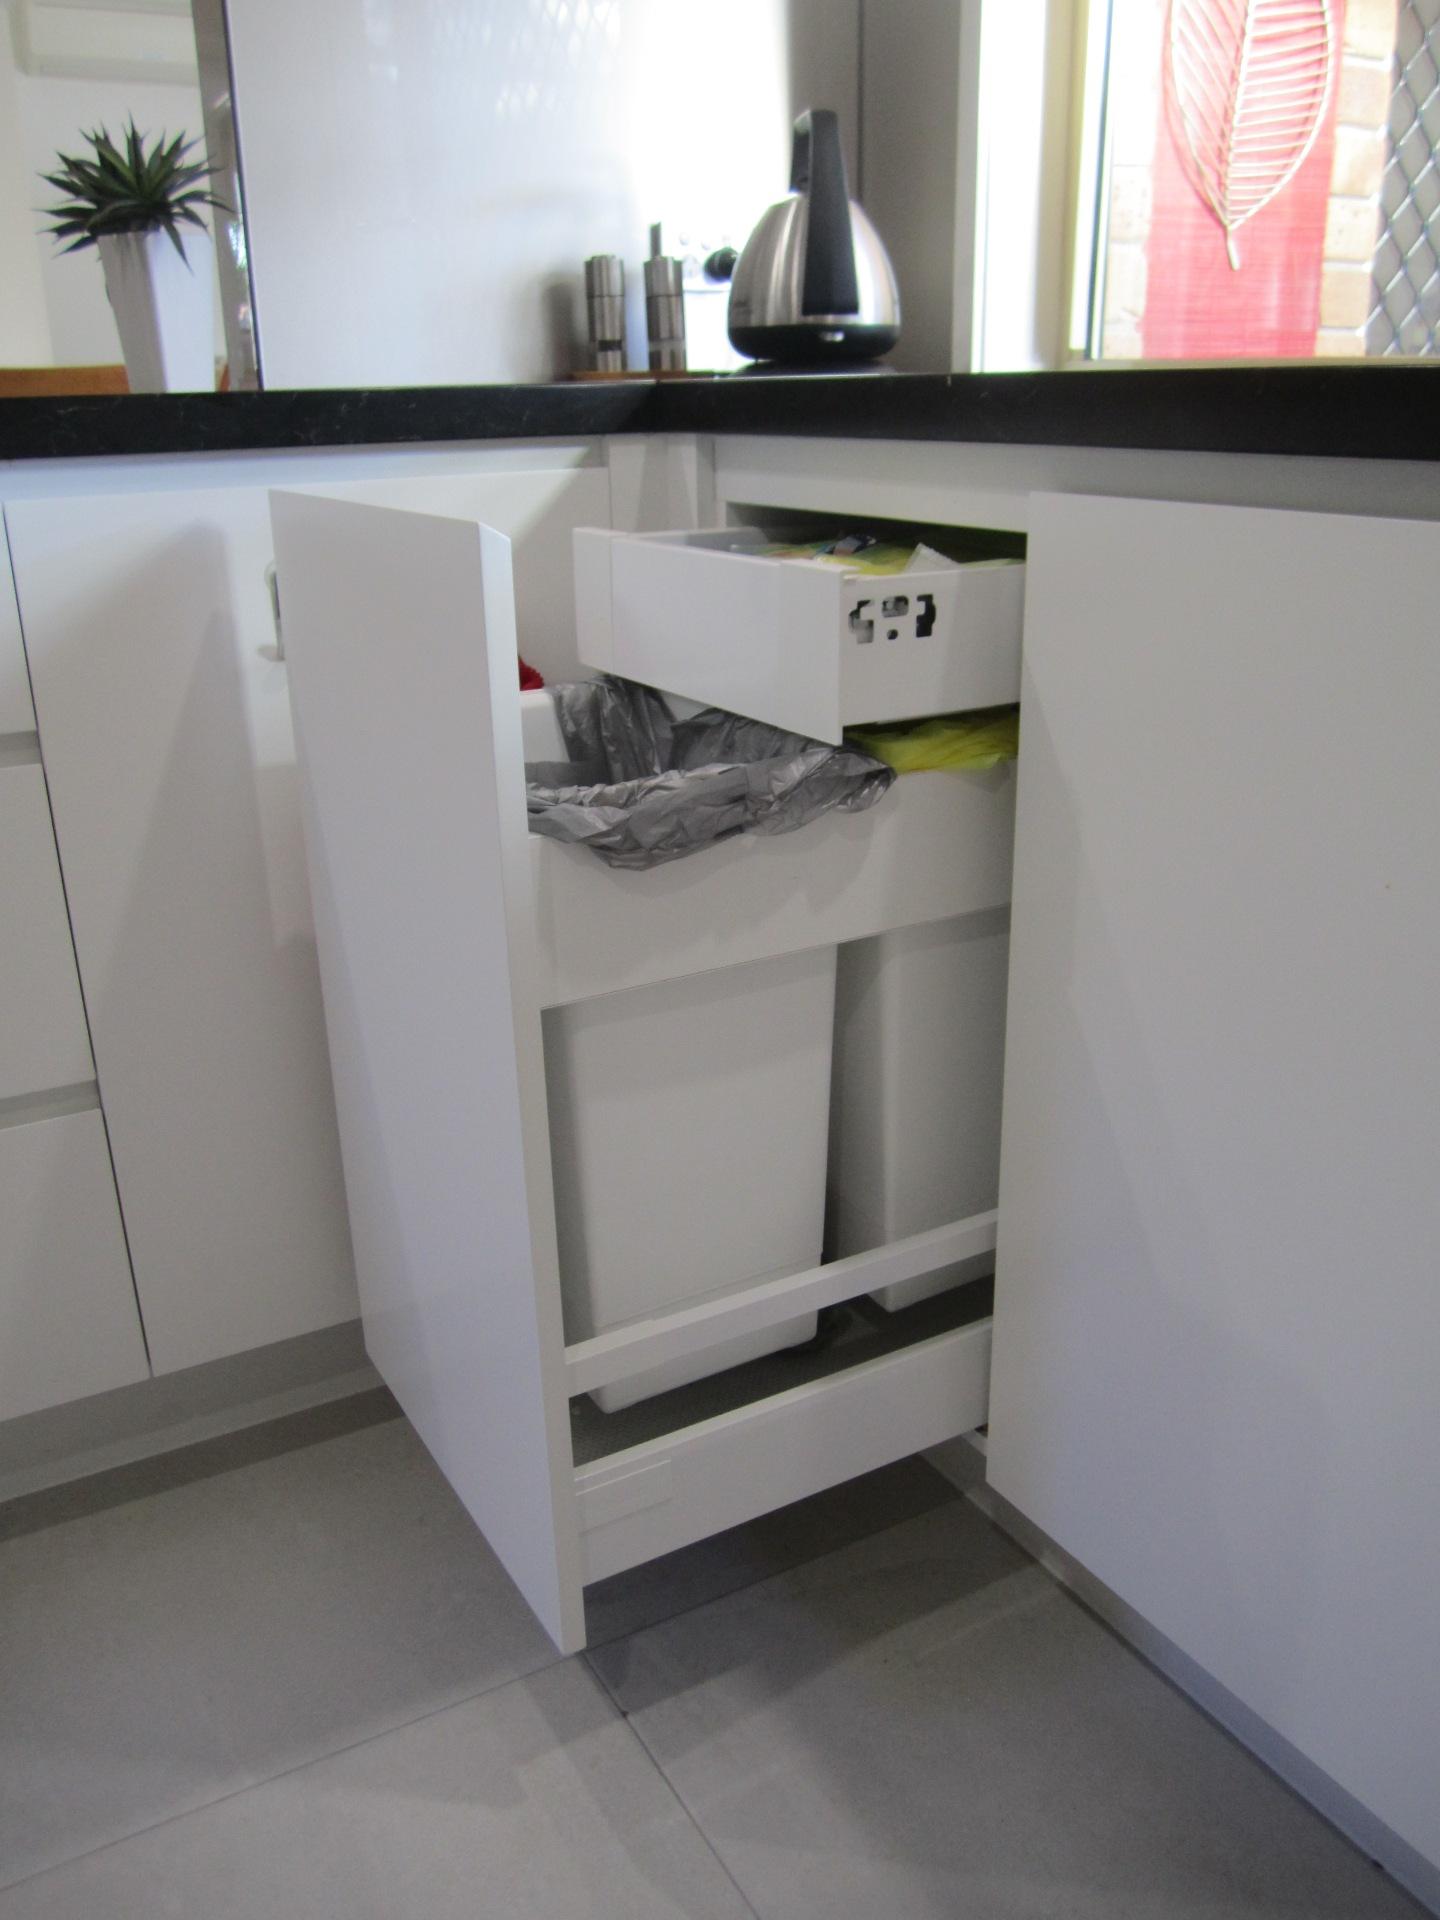 Brisbane Kitchen Design Contemporary Kitchen White 2 Pac Integrated Handles(9